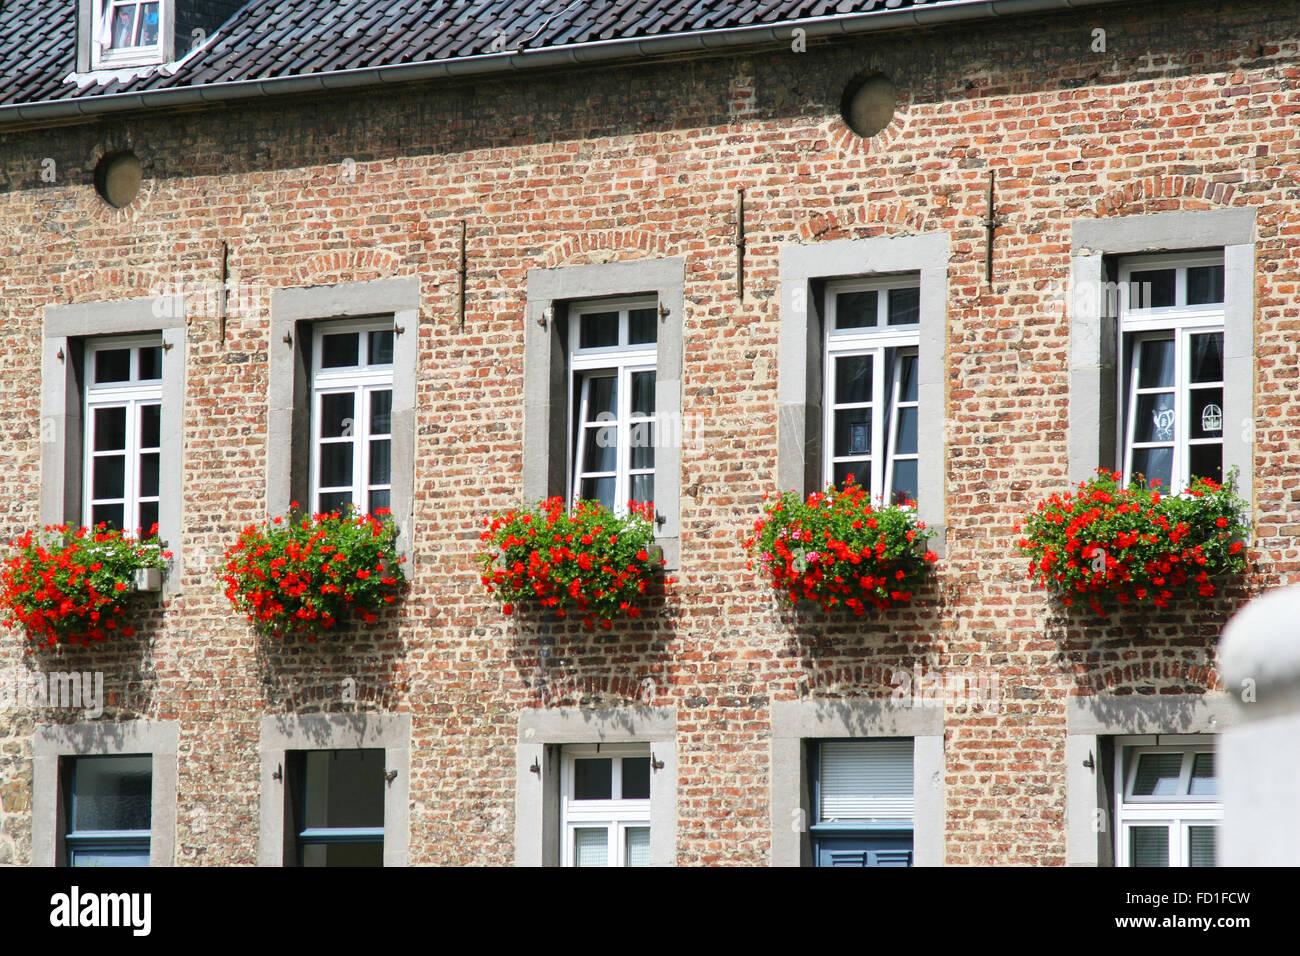 Brick House Germany Stockfotos & Brick House Germany